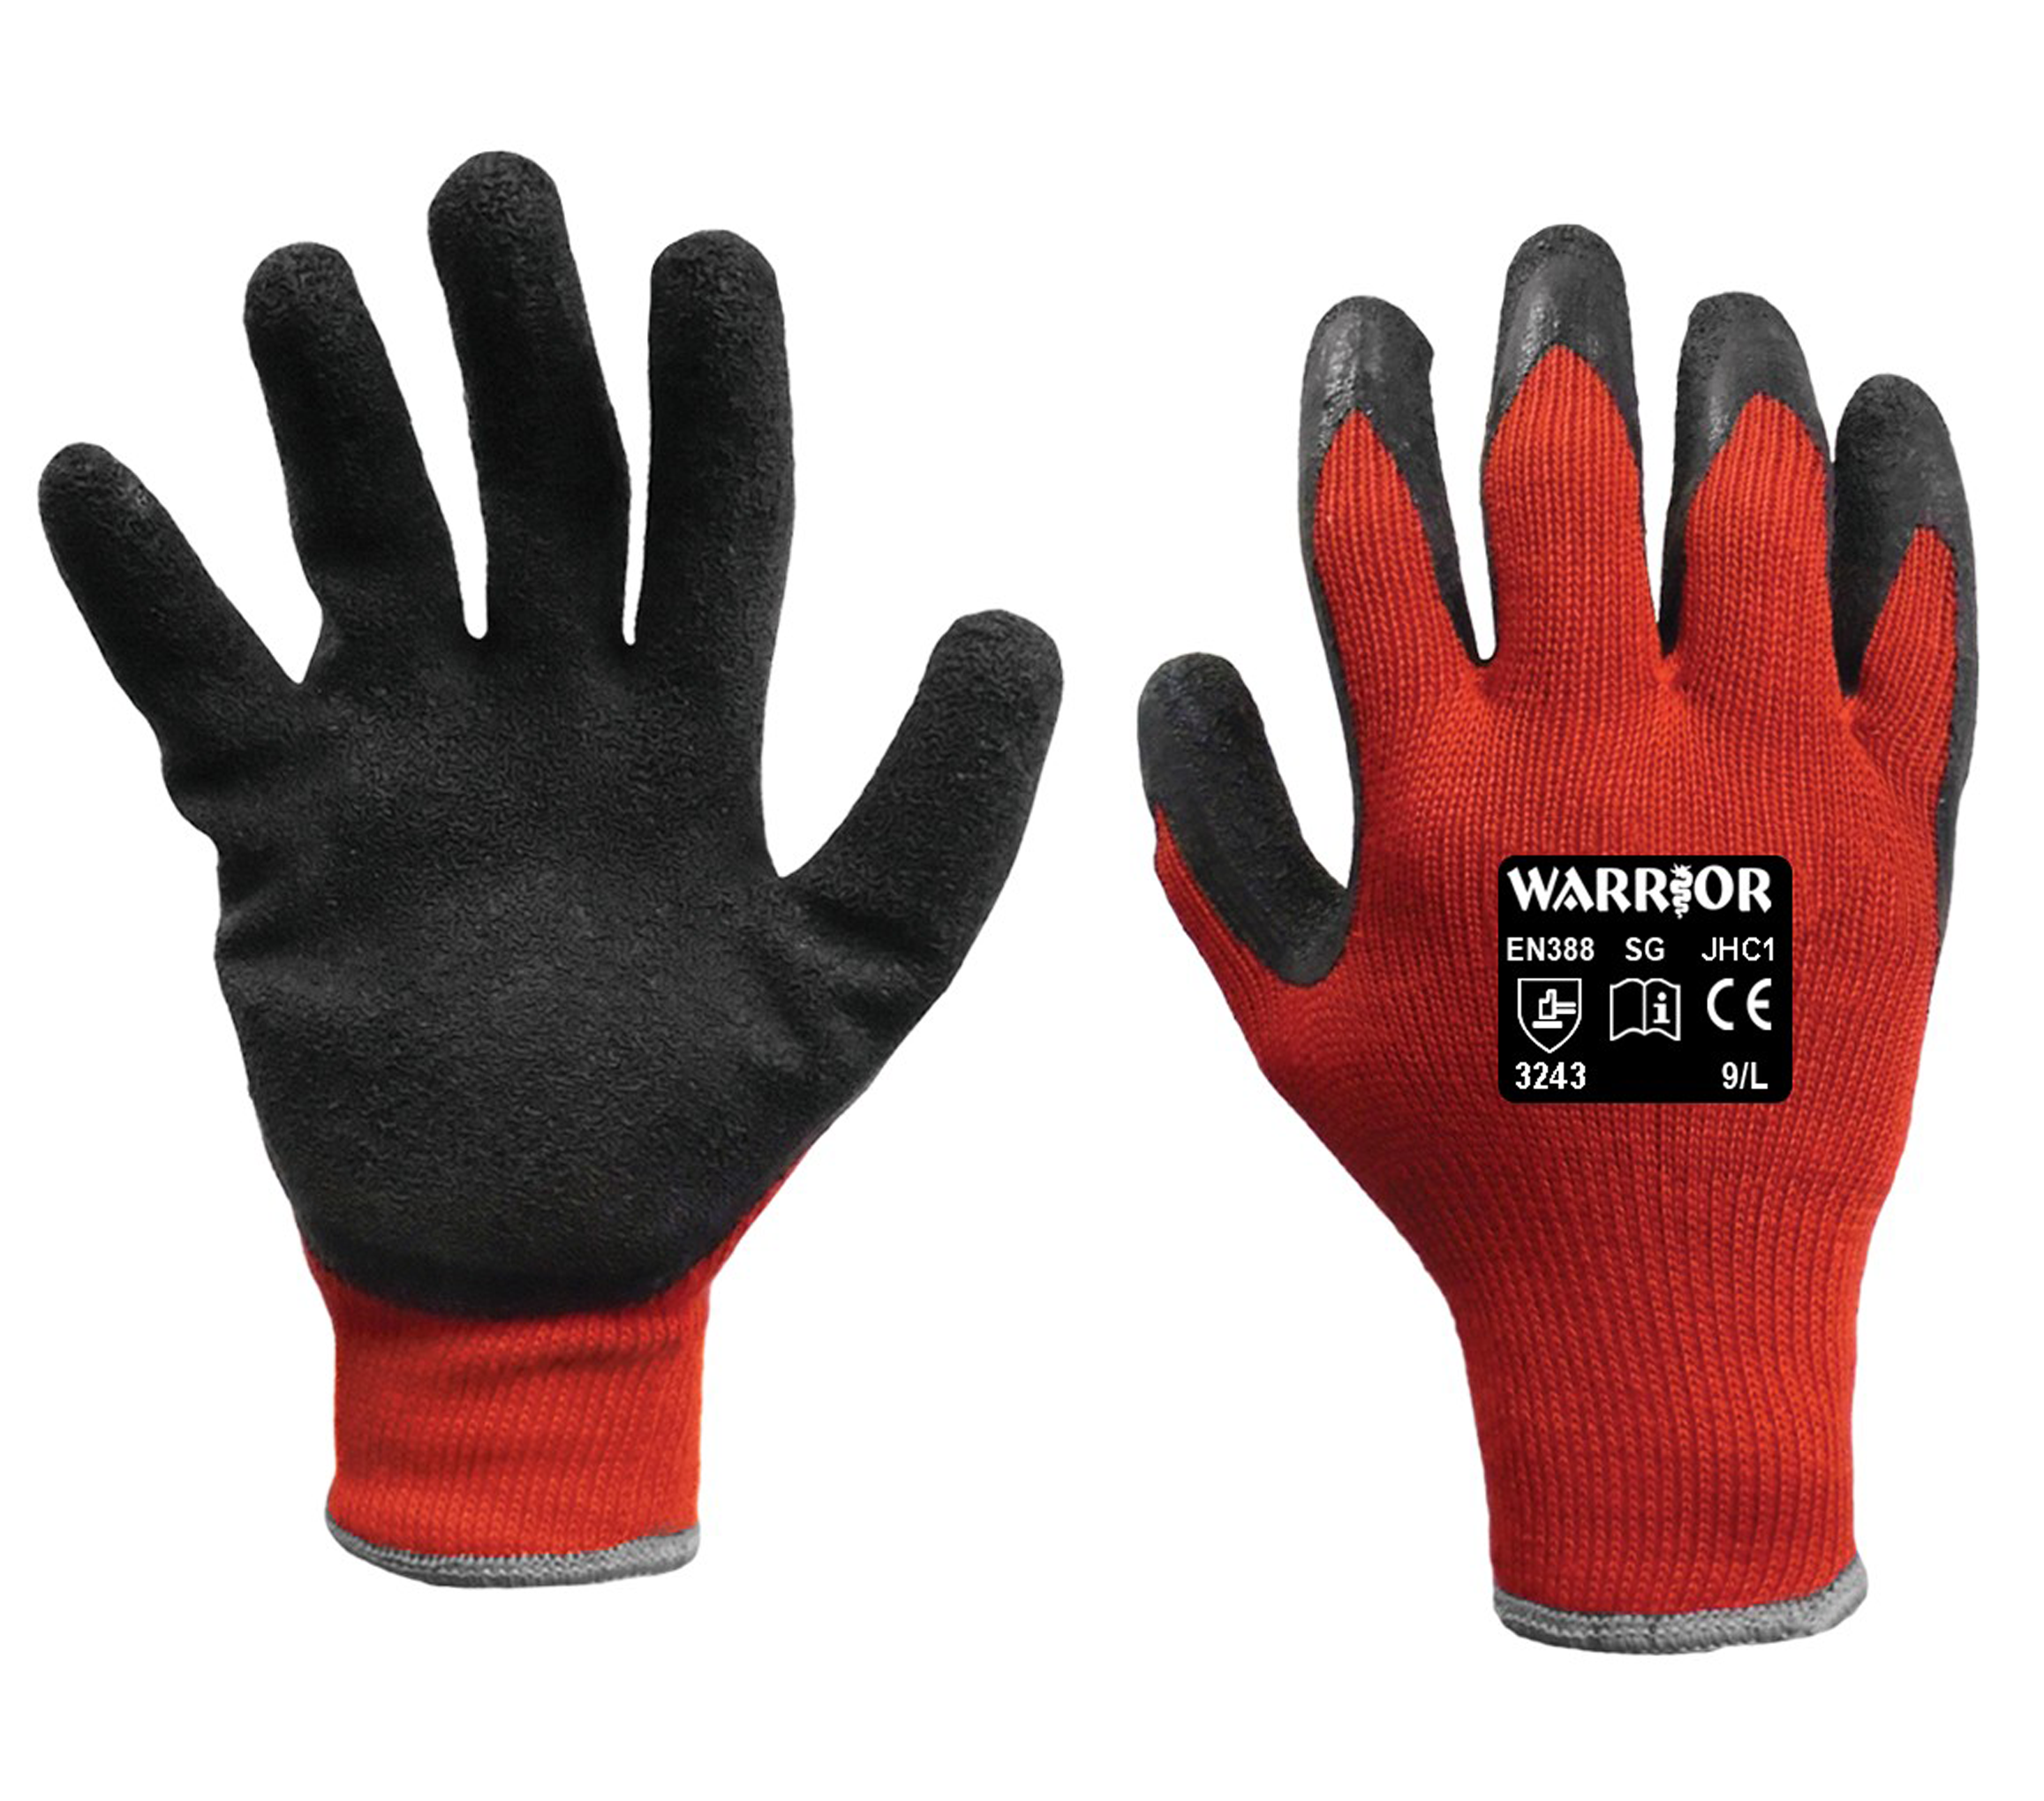 Warrior Supa Grip Glove